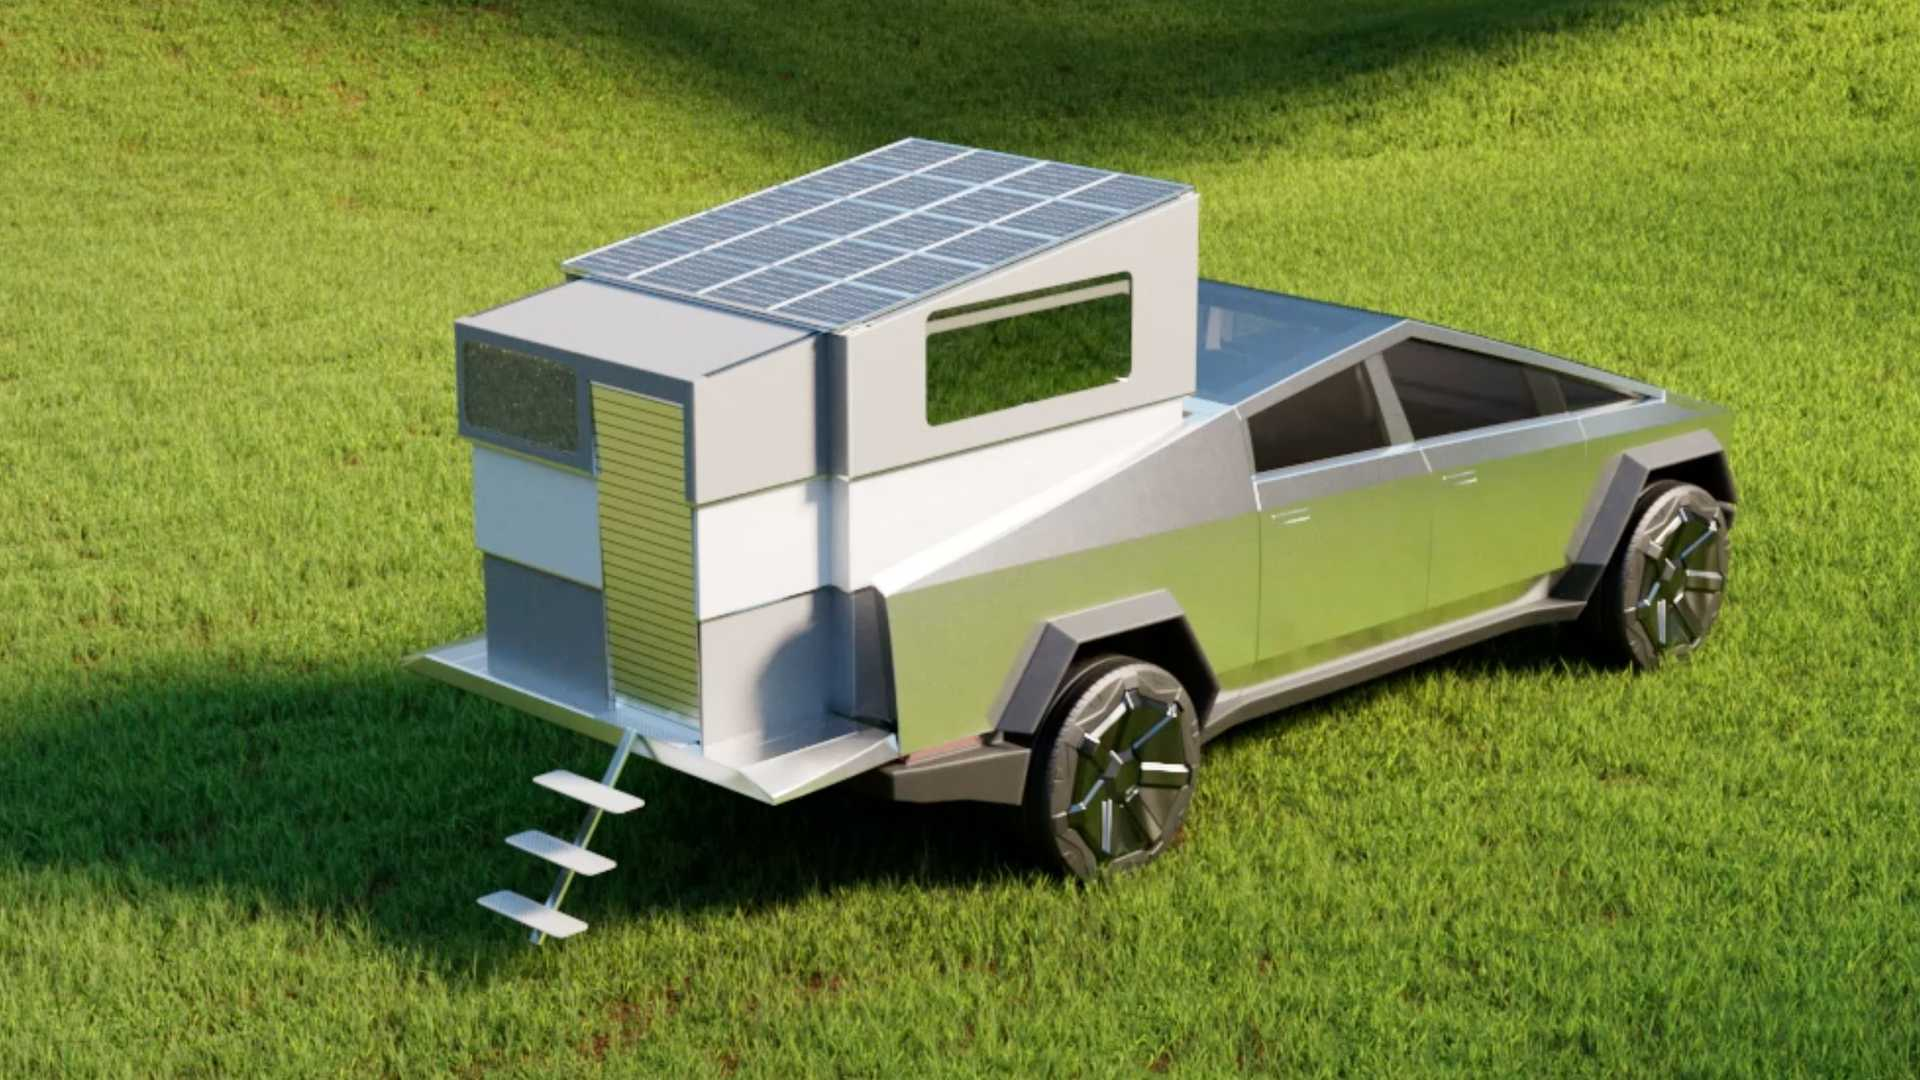 CyberLandr-Camper-For-Tesla-Cybertruck-2